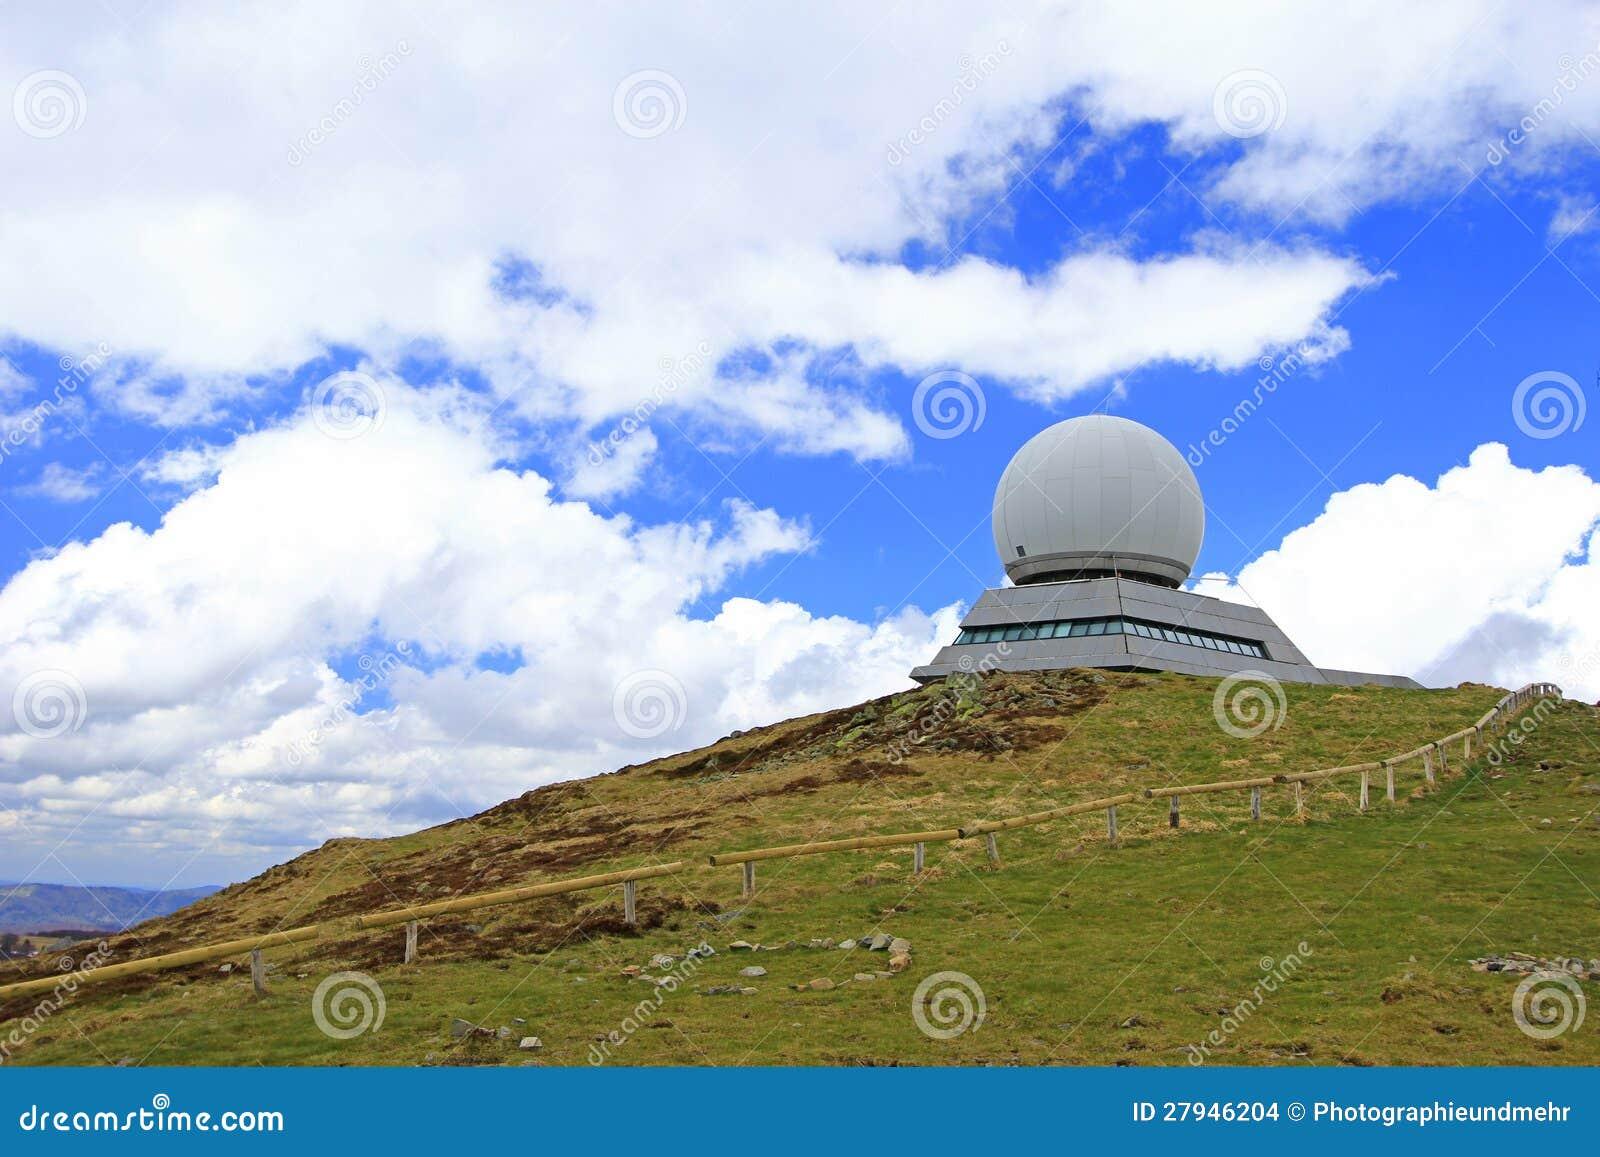 Radarstation für Luftfahrt